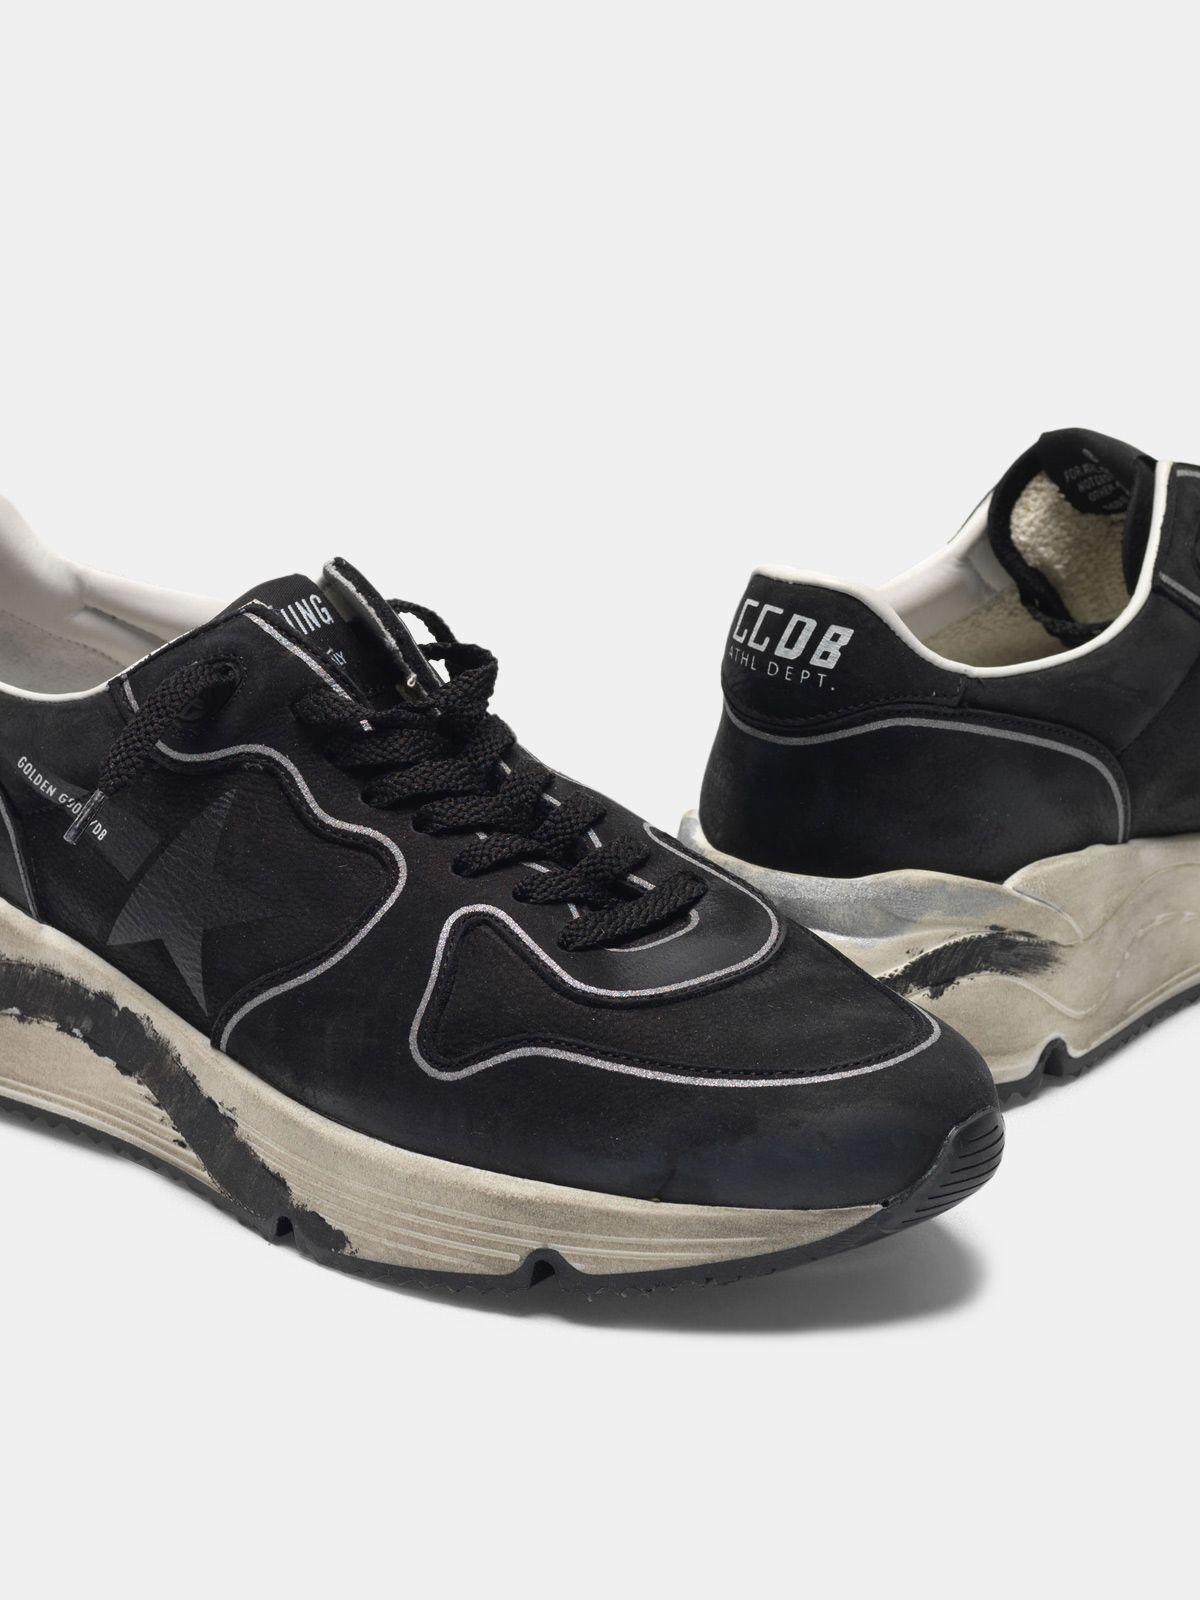 Golden Goose - Running Sole sneakers in nubuck in